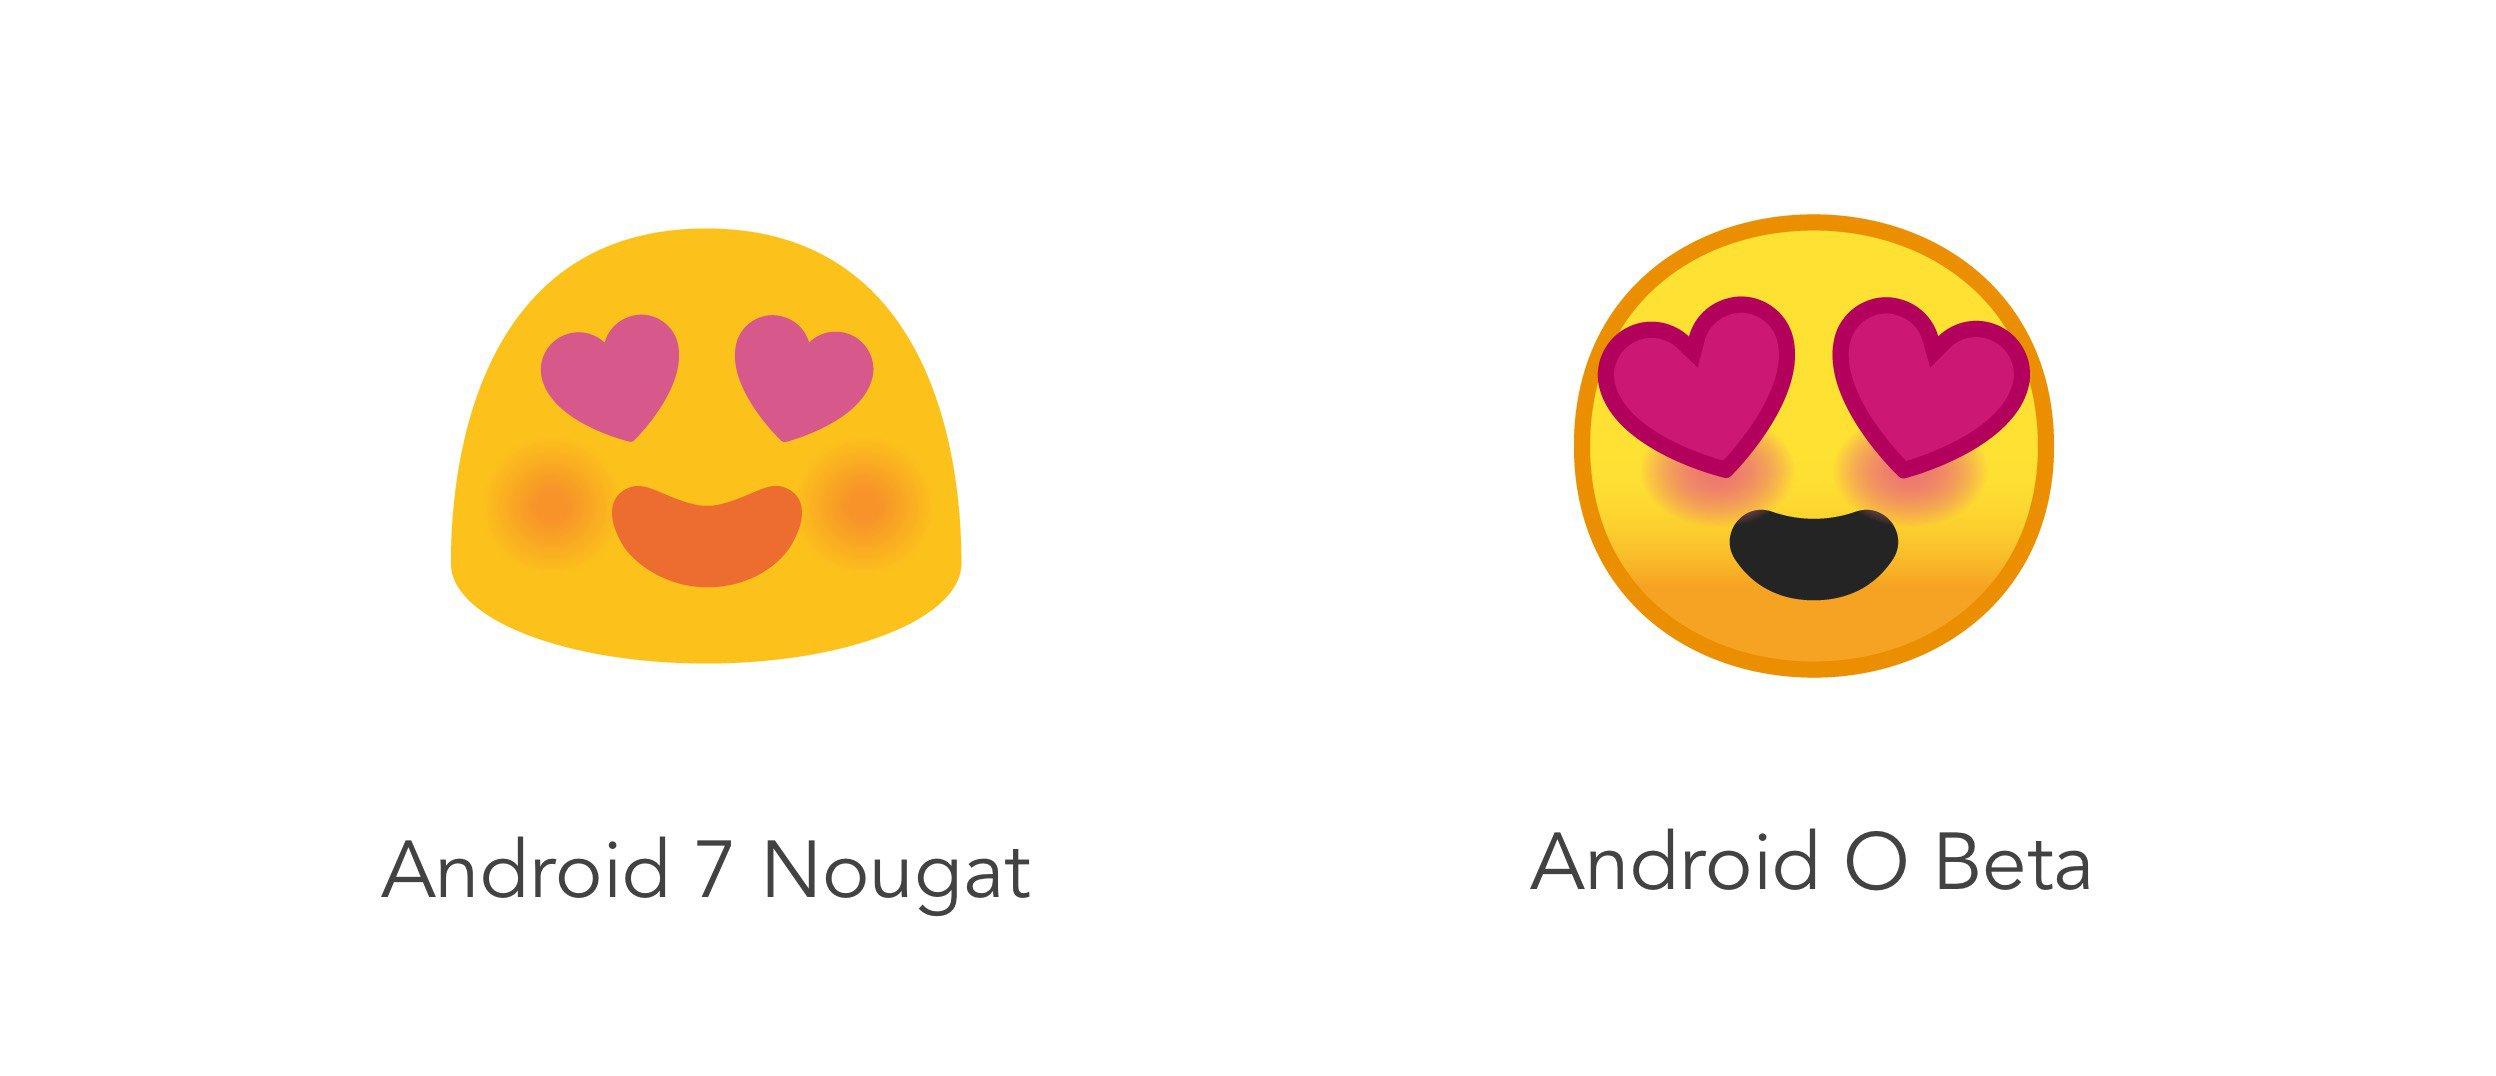 Android tendrá por fin emojis que todo el mundo entenderá